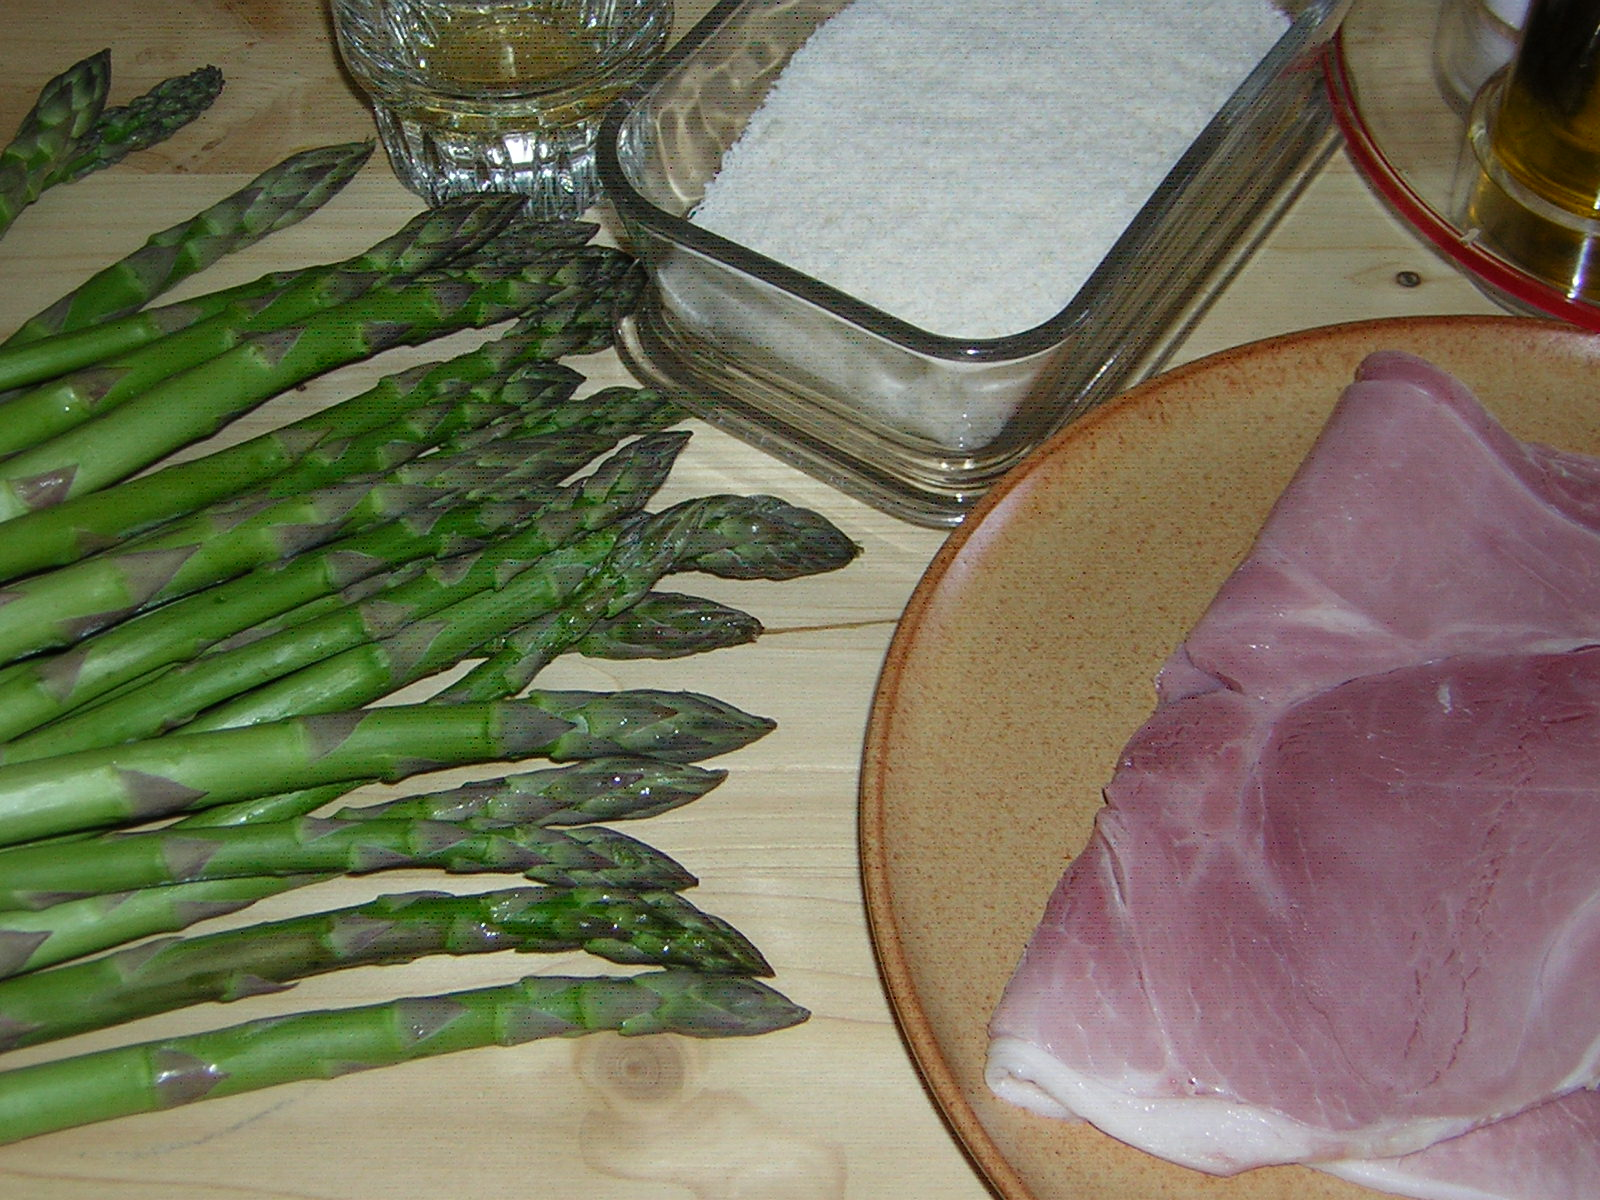 ingredienti per fare gli asparagi gratinati